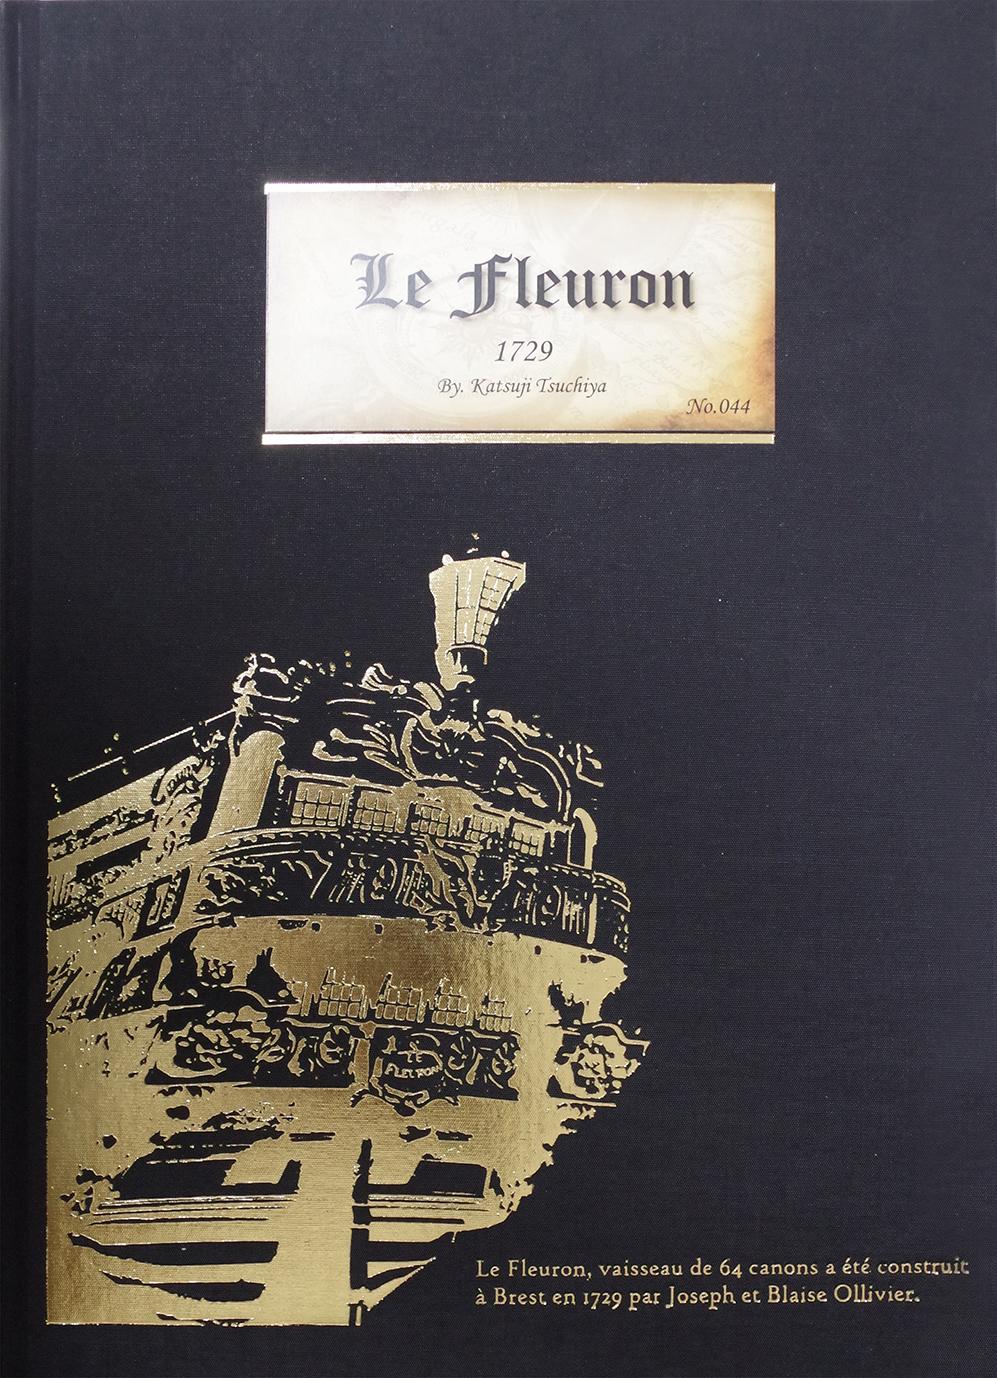 Le Fleuron1